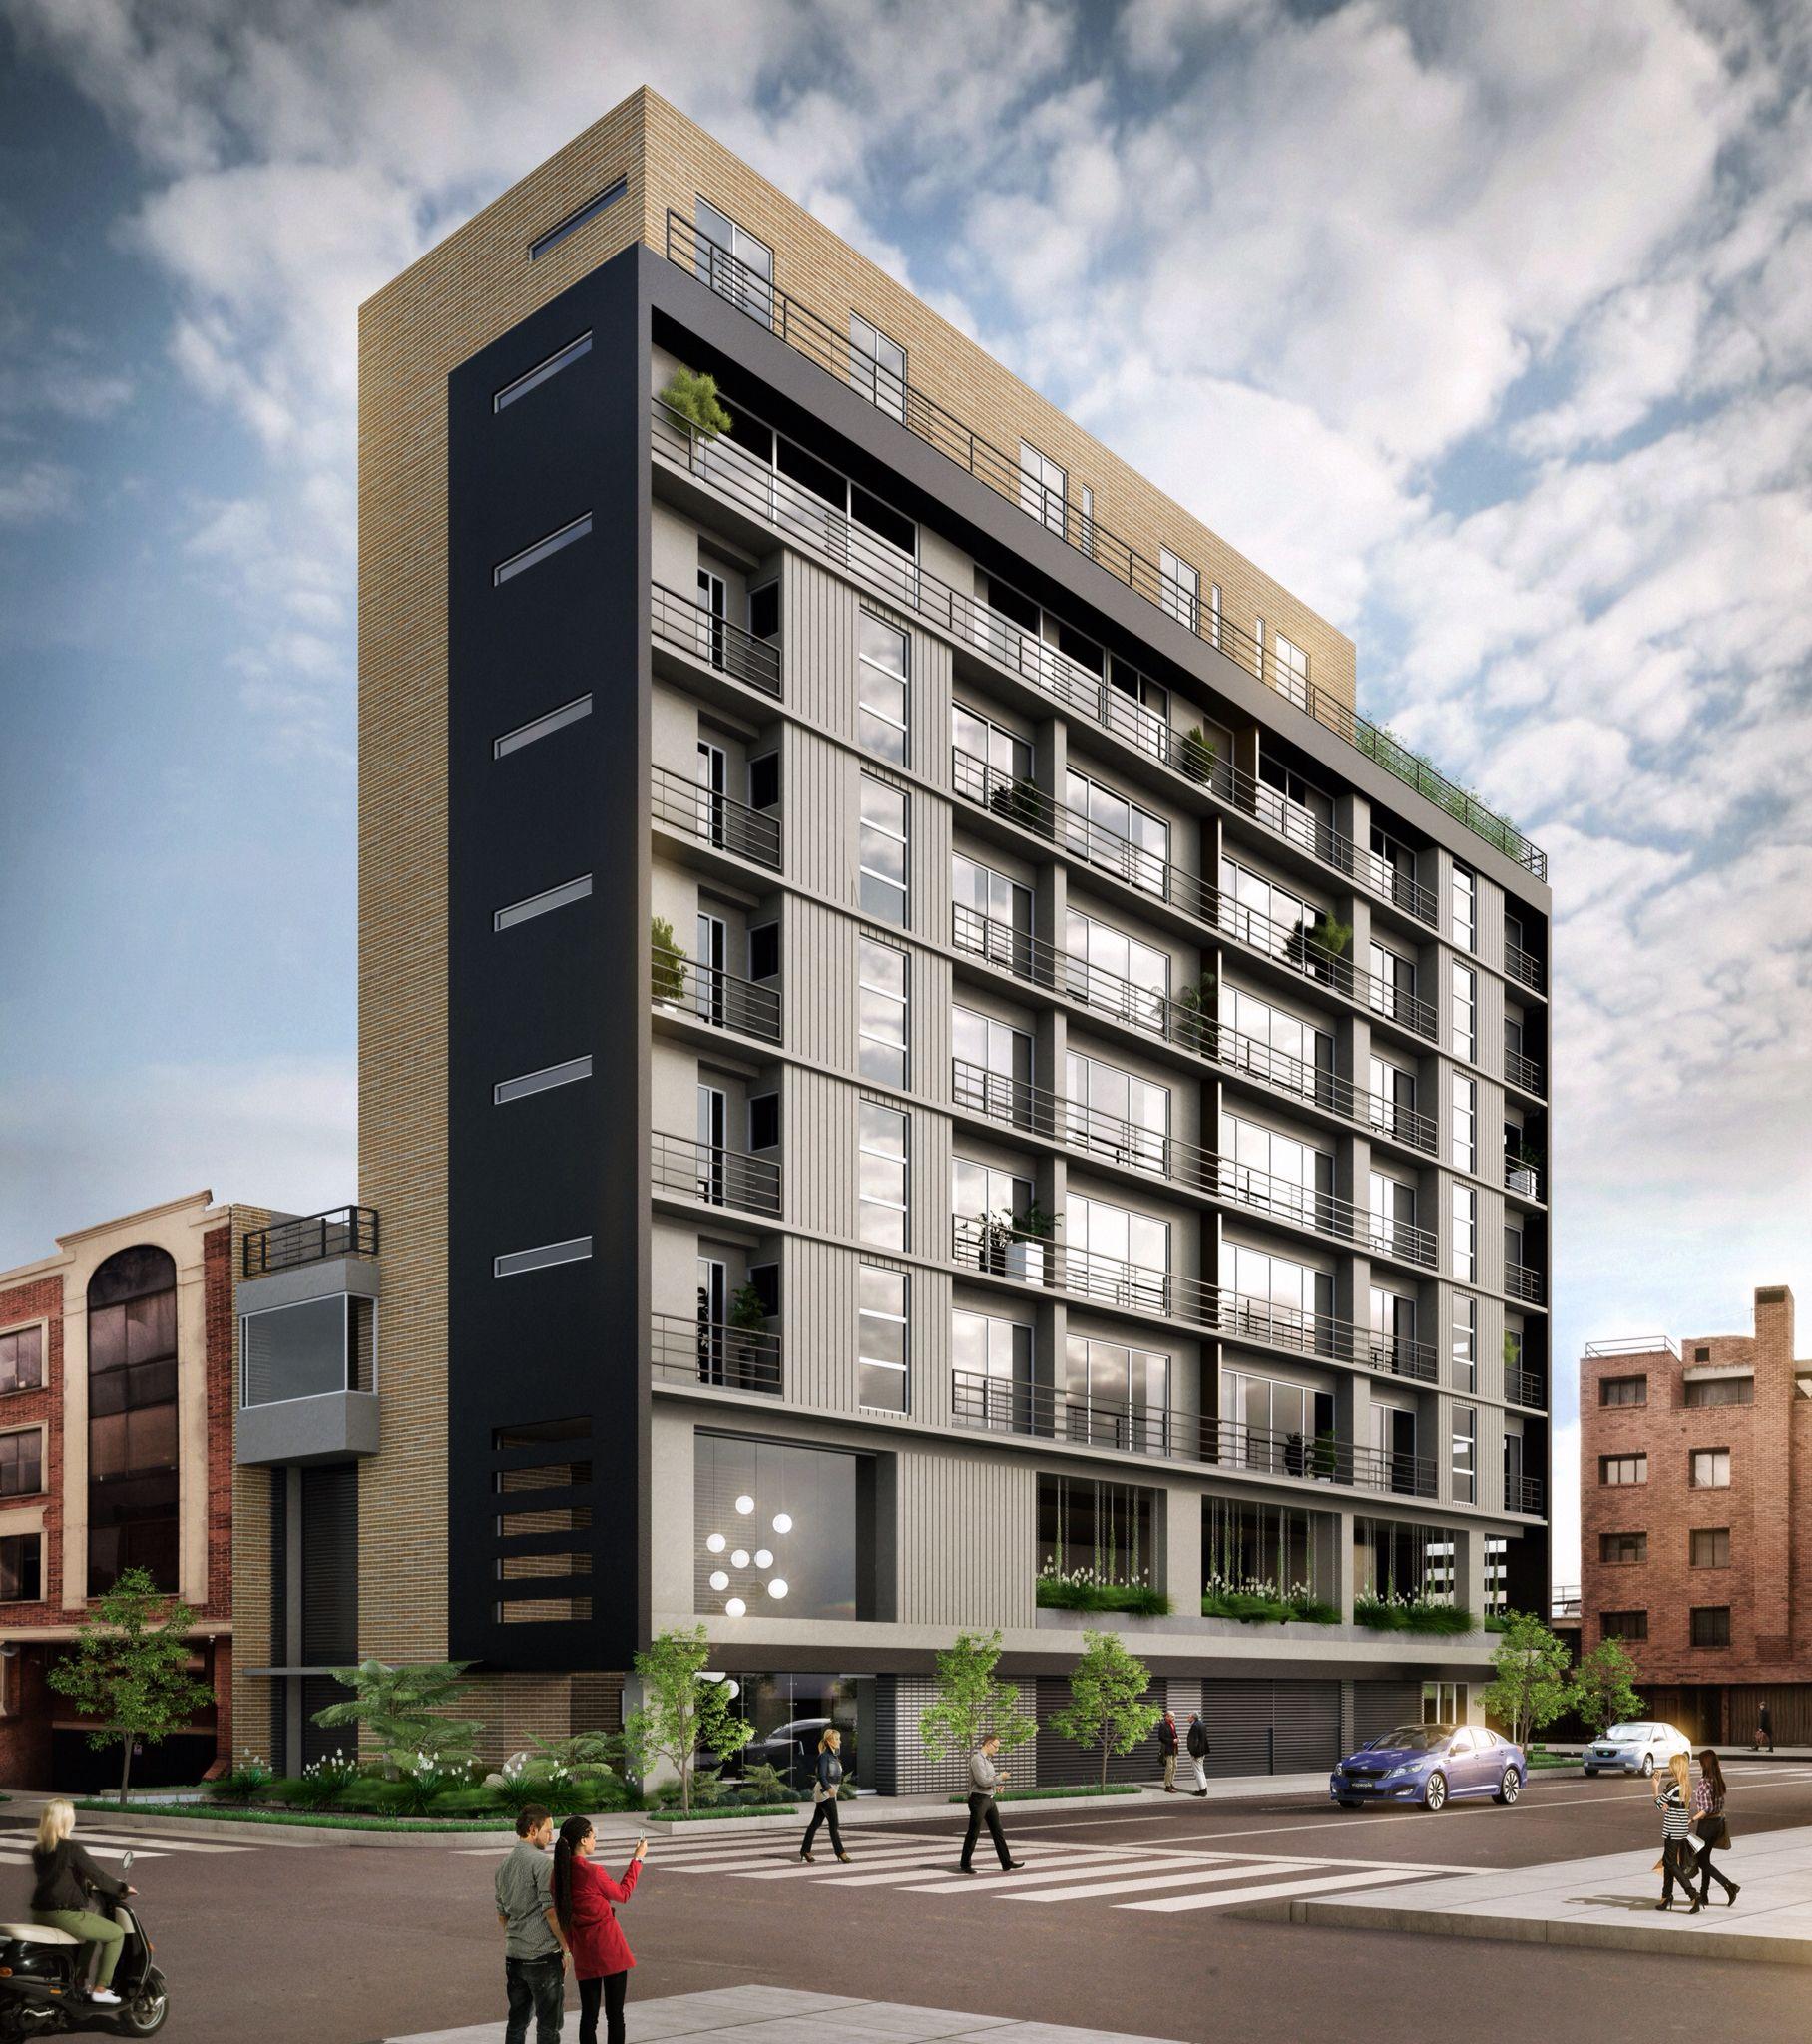 оформление фасадов жилых многоэтажных зданий фото потому